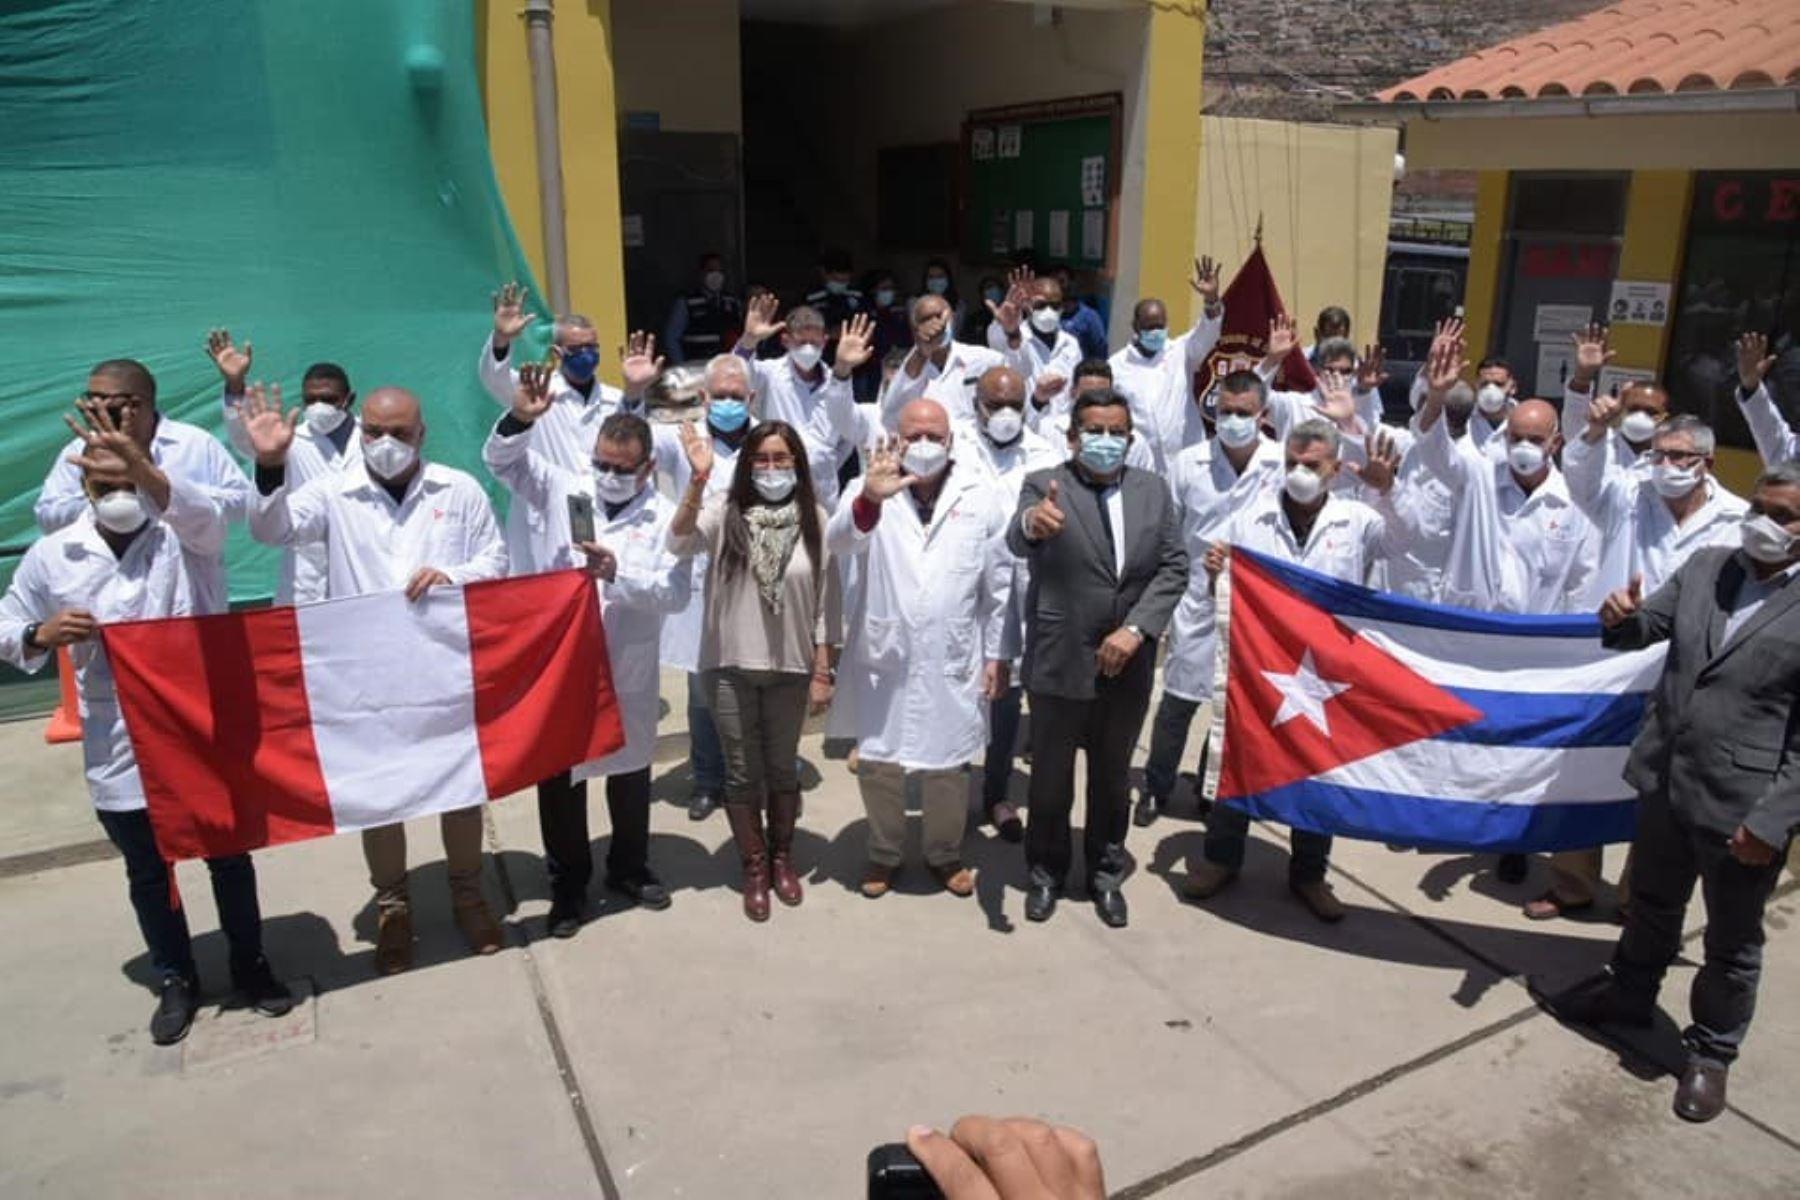 Médicos y personal de salud procedentes de Cuba son recibidos por las autoridades sanitarias de Huaraz. Ellos se suman a la lucha contra el covid-19 en la región Áncash. Foto: ANDINA/Difusión